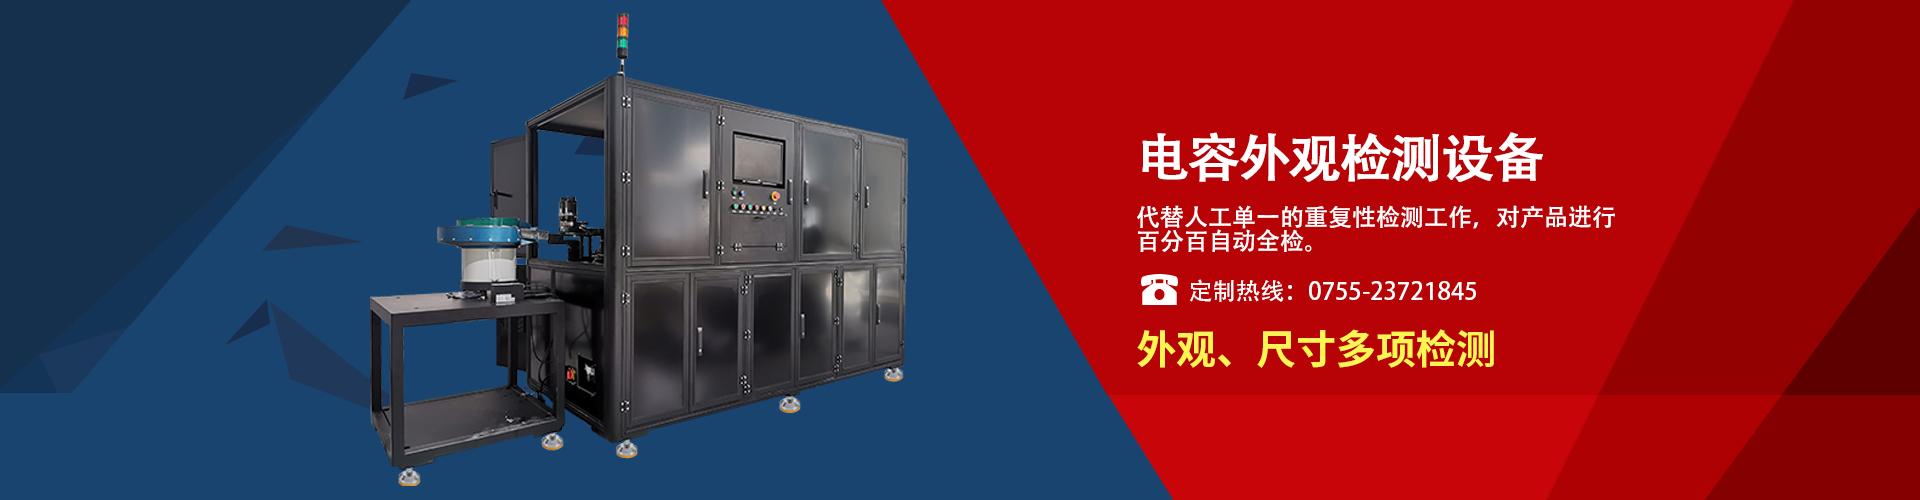 引针式电容外观检测设备